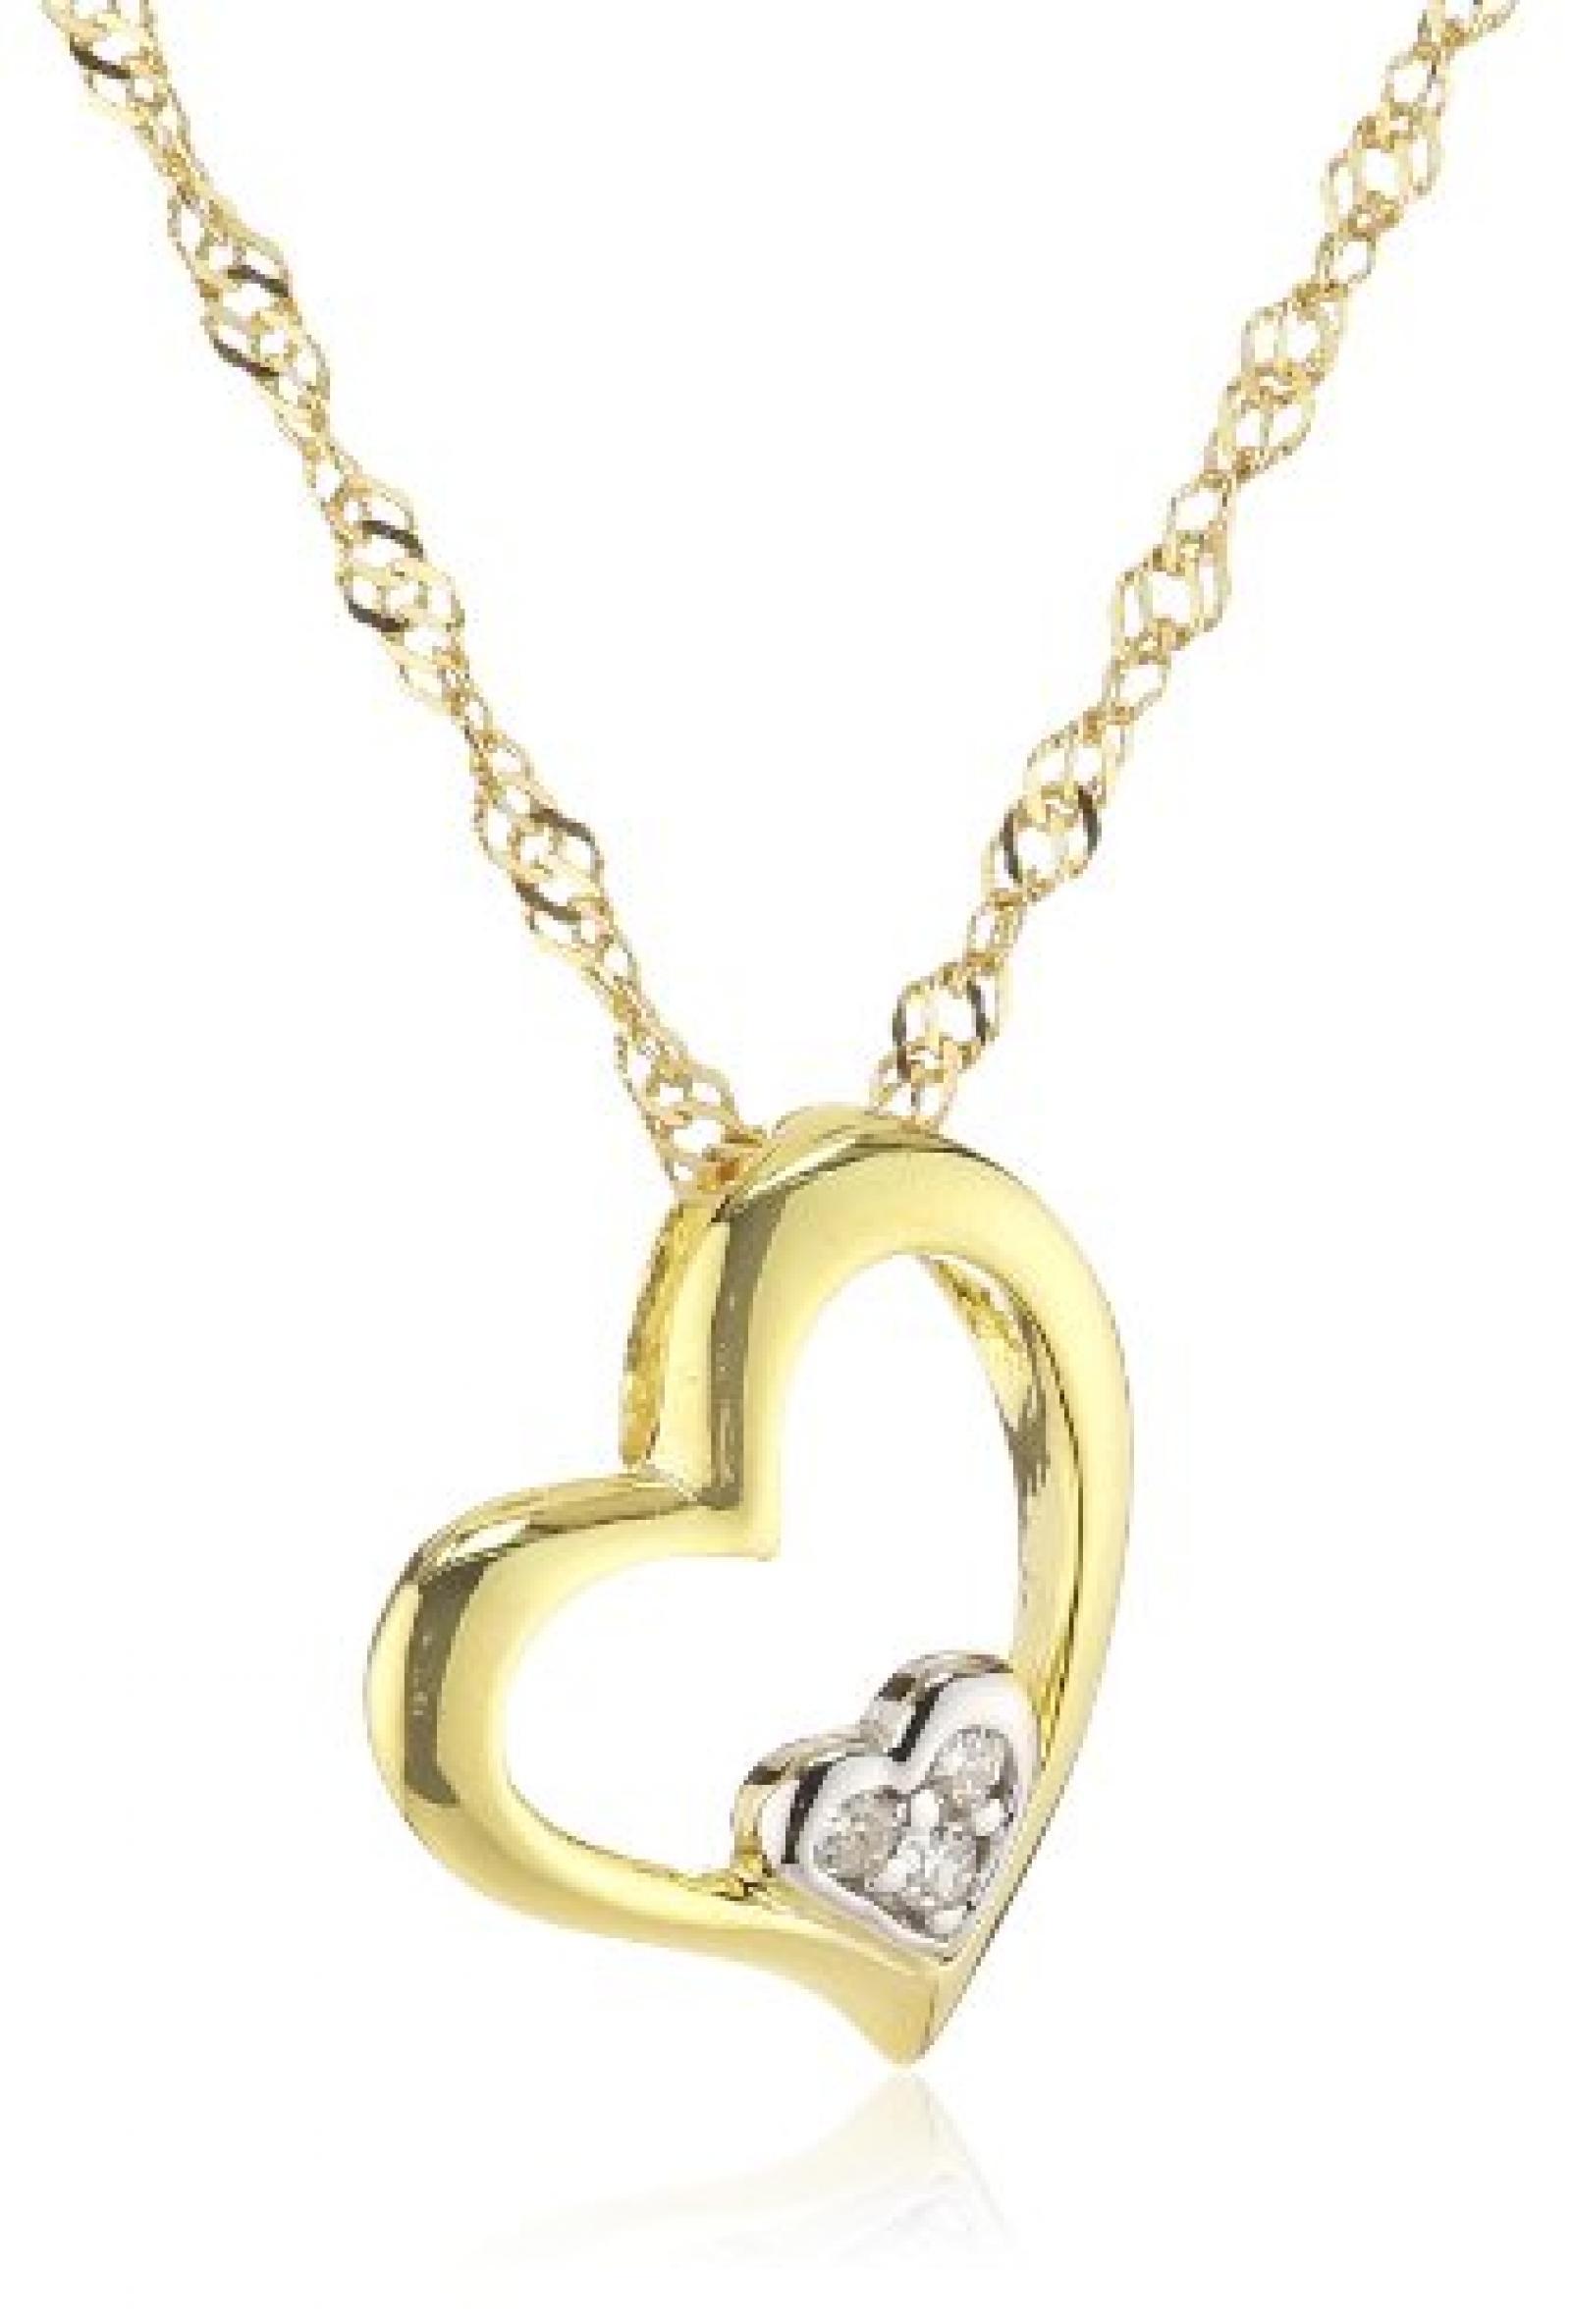 Amor Jewelry Damen-Halskette 8 Karat 333 Gelbgold 385329